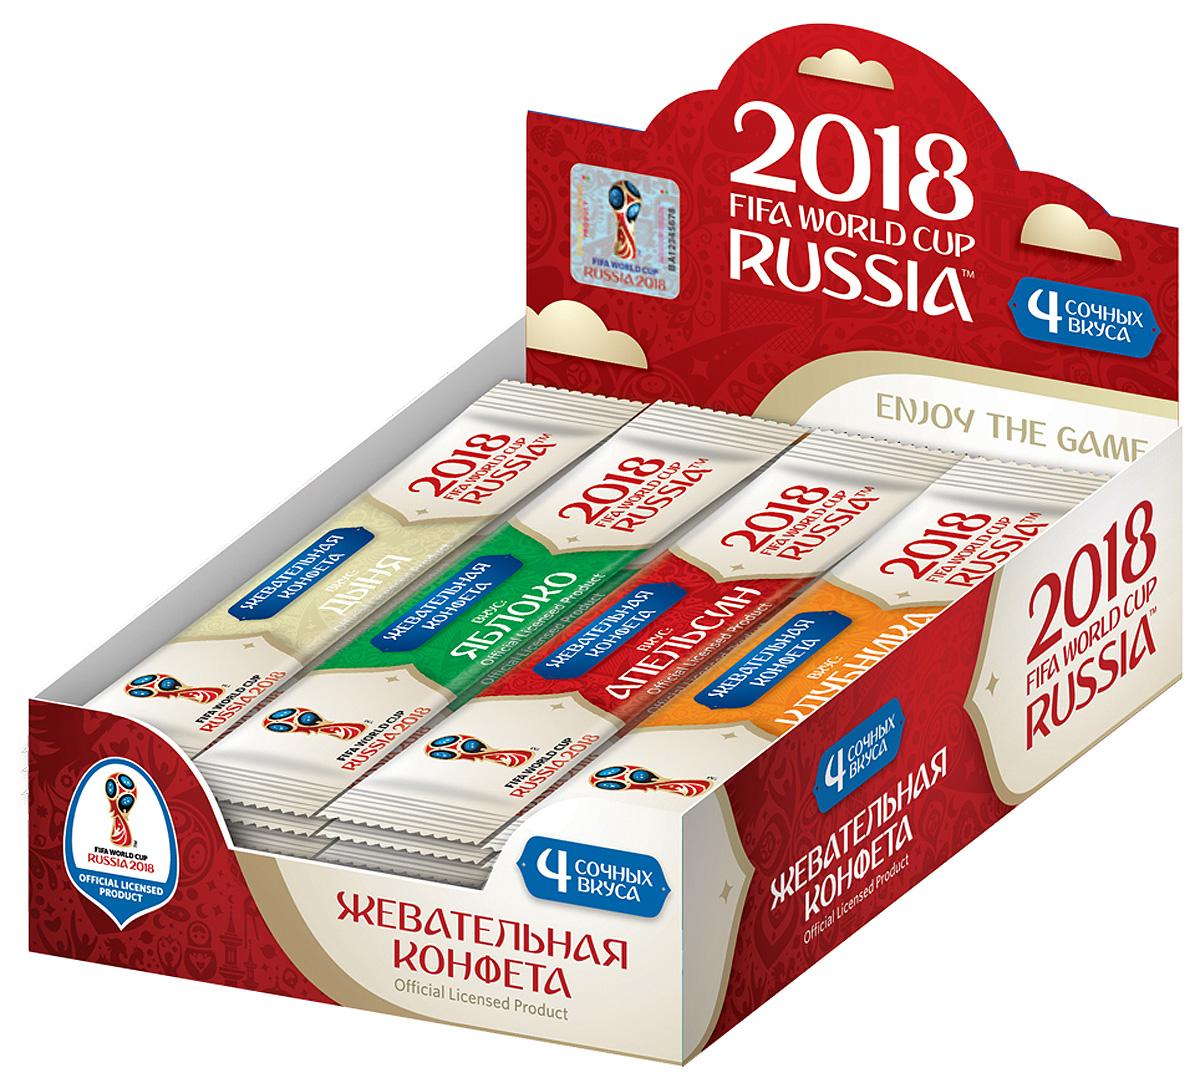 Конфитрейд Официальная продукция 2018 FIFA WORLD CUP фруктовая жевательная конфета, 50 шт по 10 г жевательная резинка конфитрейд trolls вкусношарик с начинкой 100 шт по 4 г